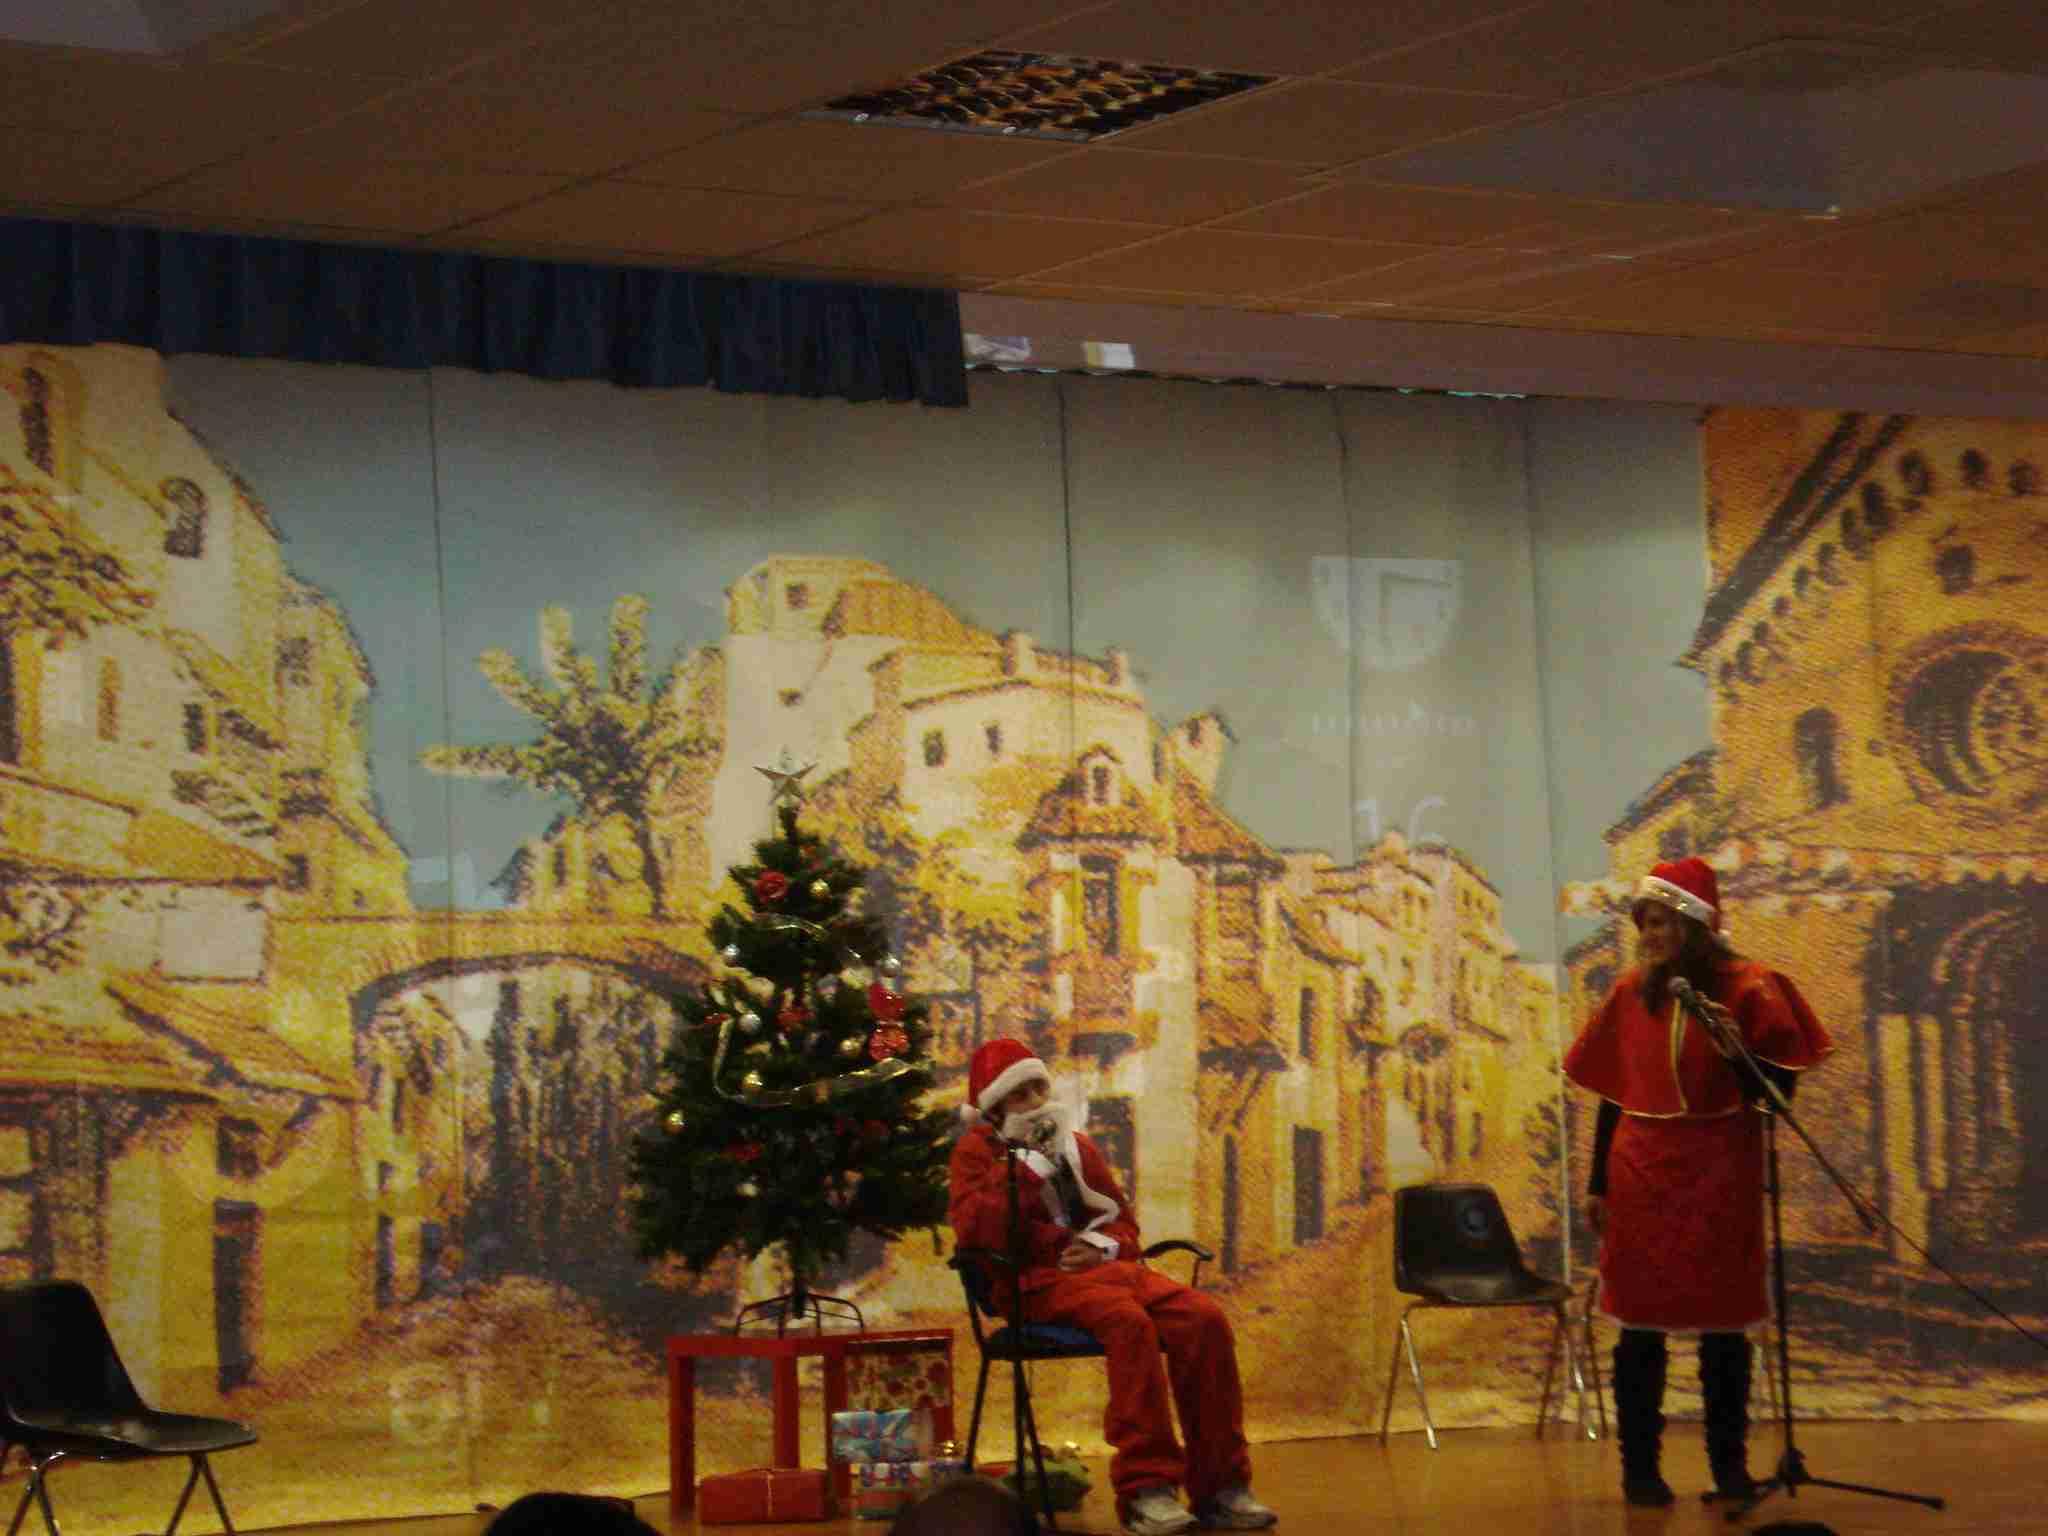 Buon Natale In Inglese.A Palmi Uno Spettacolo In Lingua Inglese Per Augurare Buon Natale